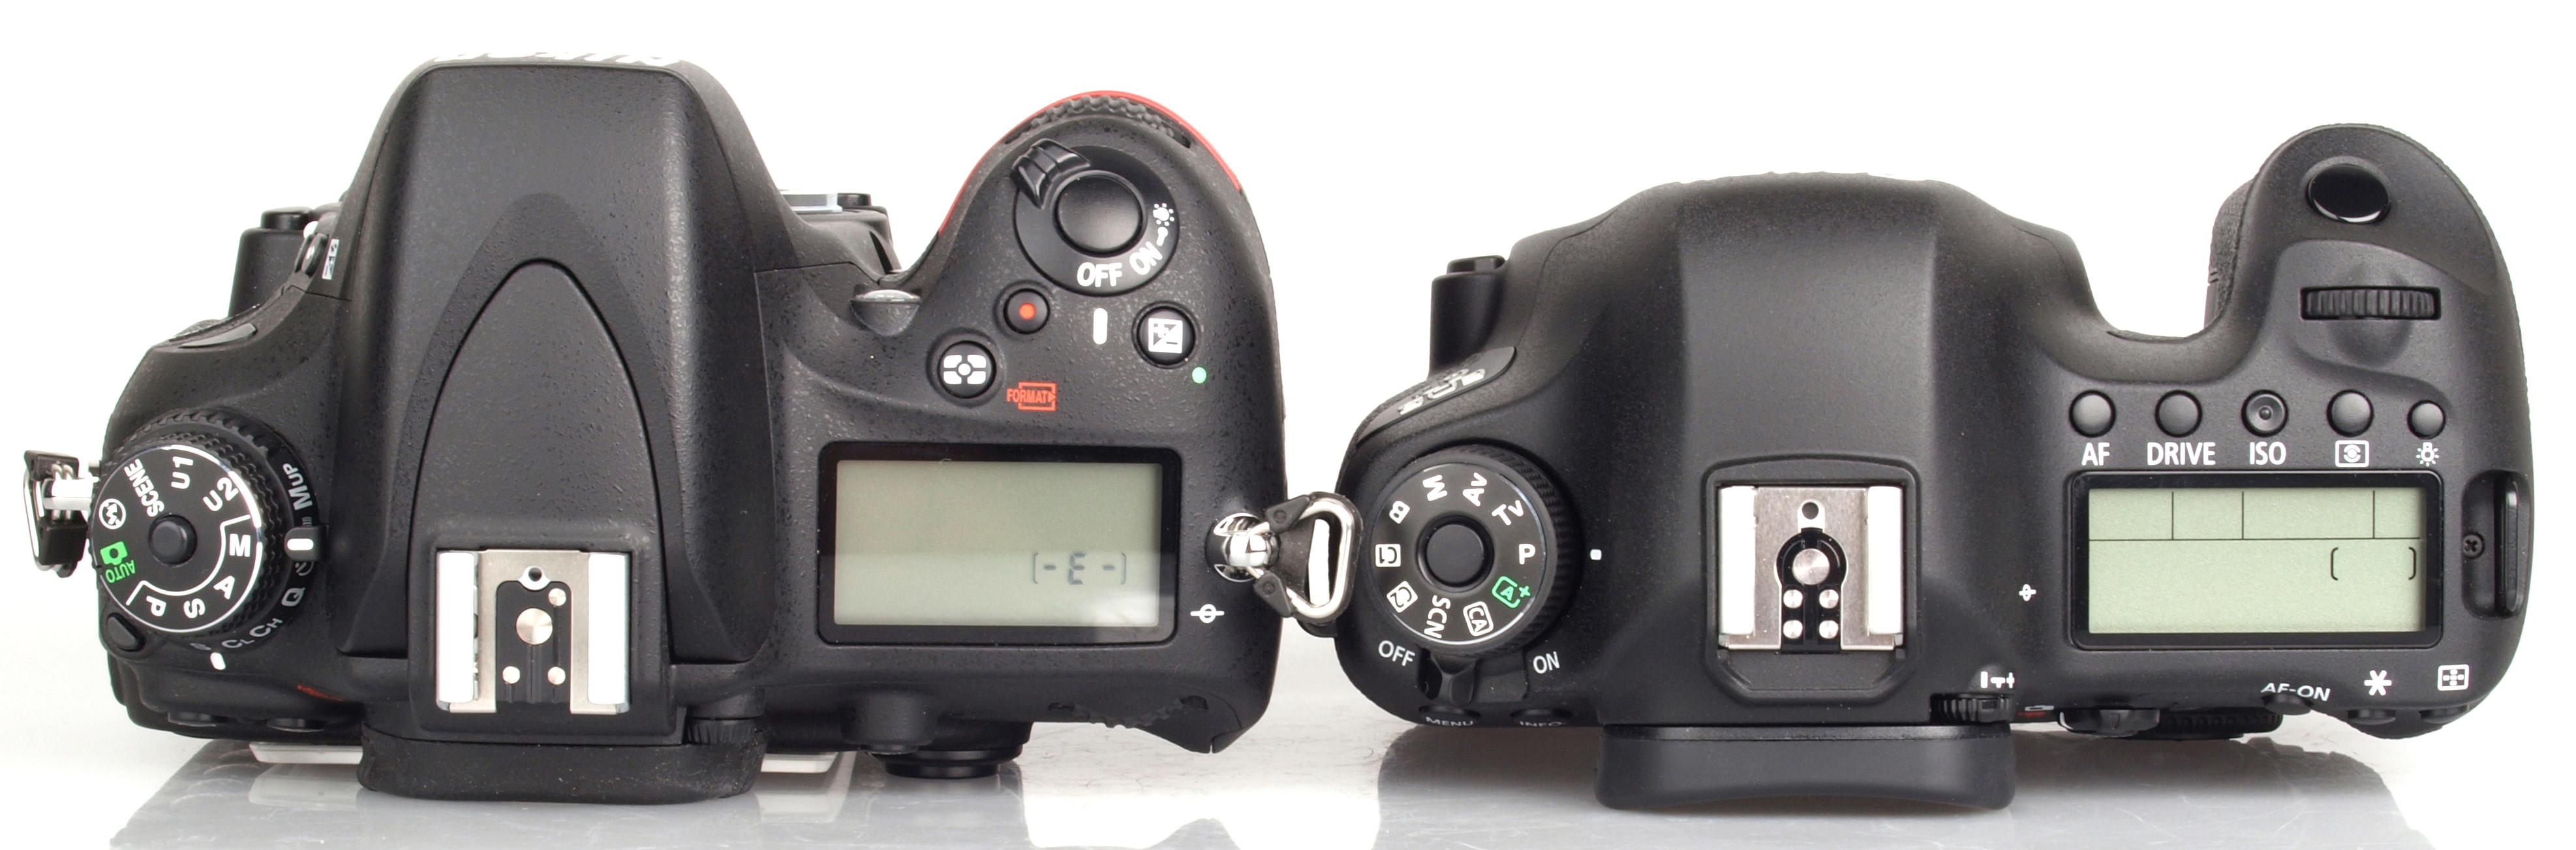 Canon EOS 6D vs Nikon D600 DSLR Comparison Review | ePHOTOzine